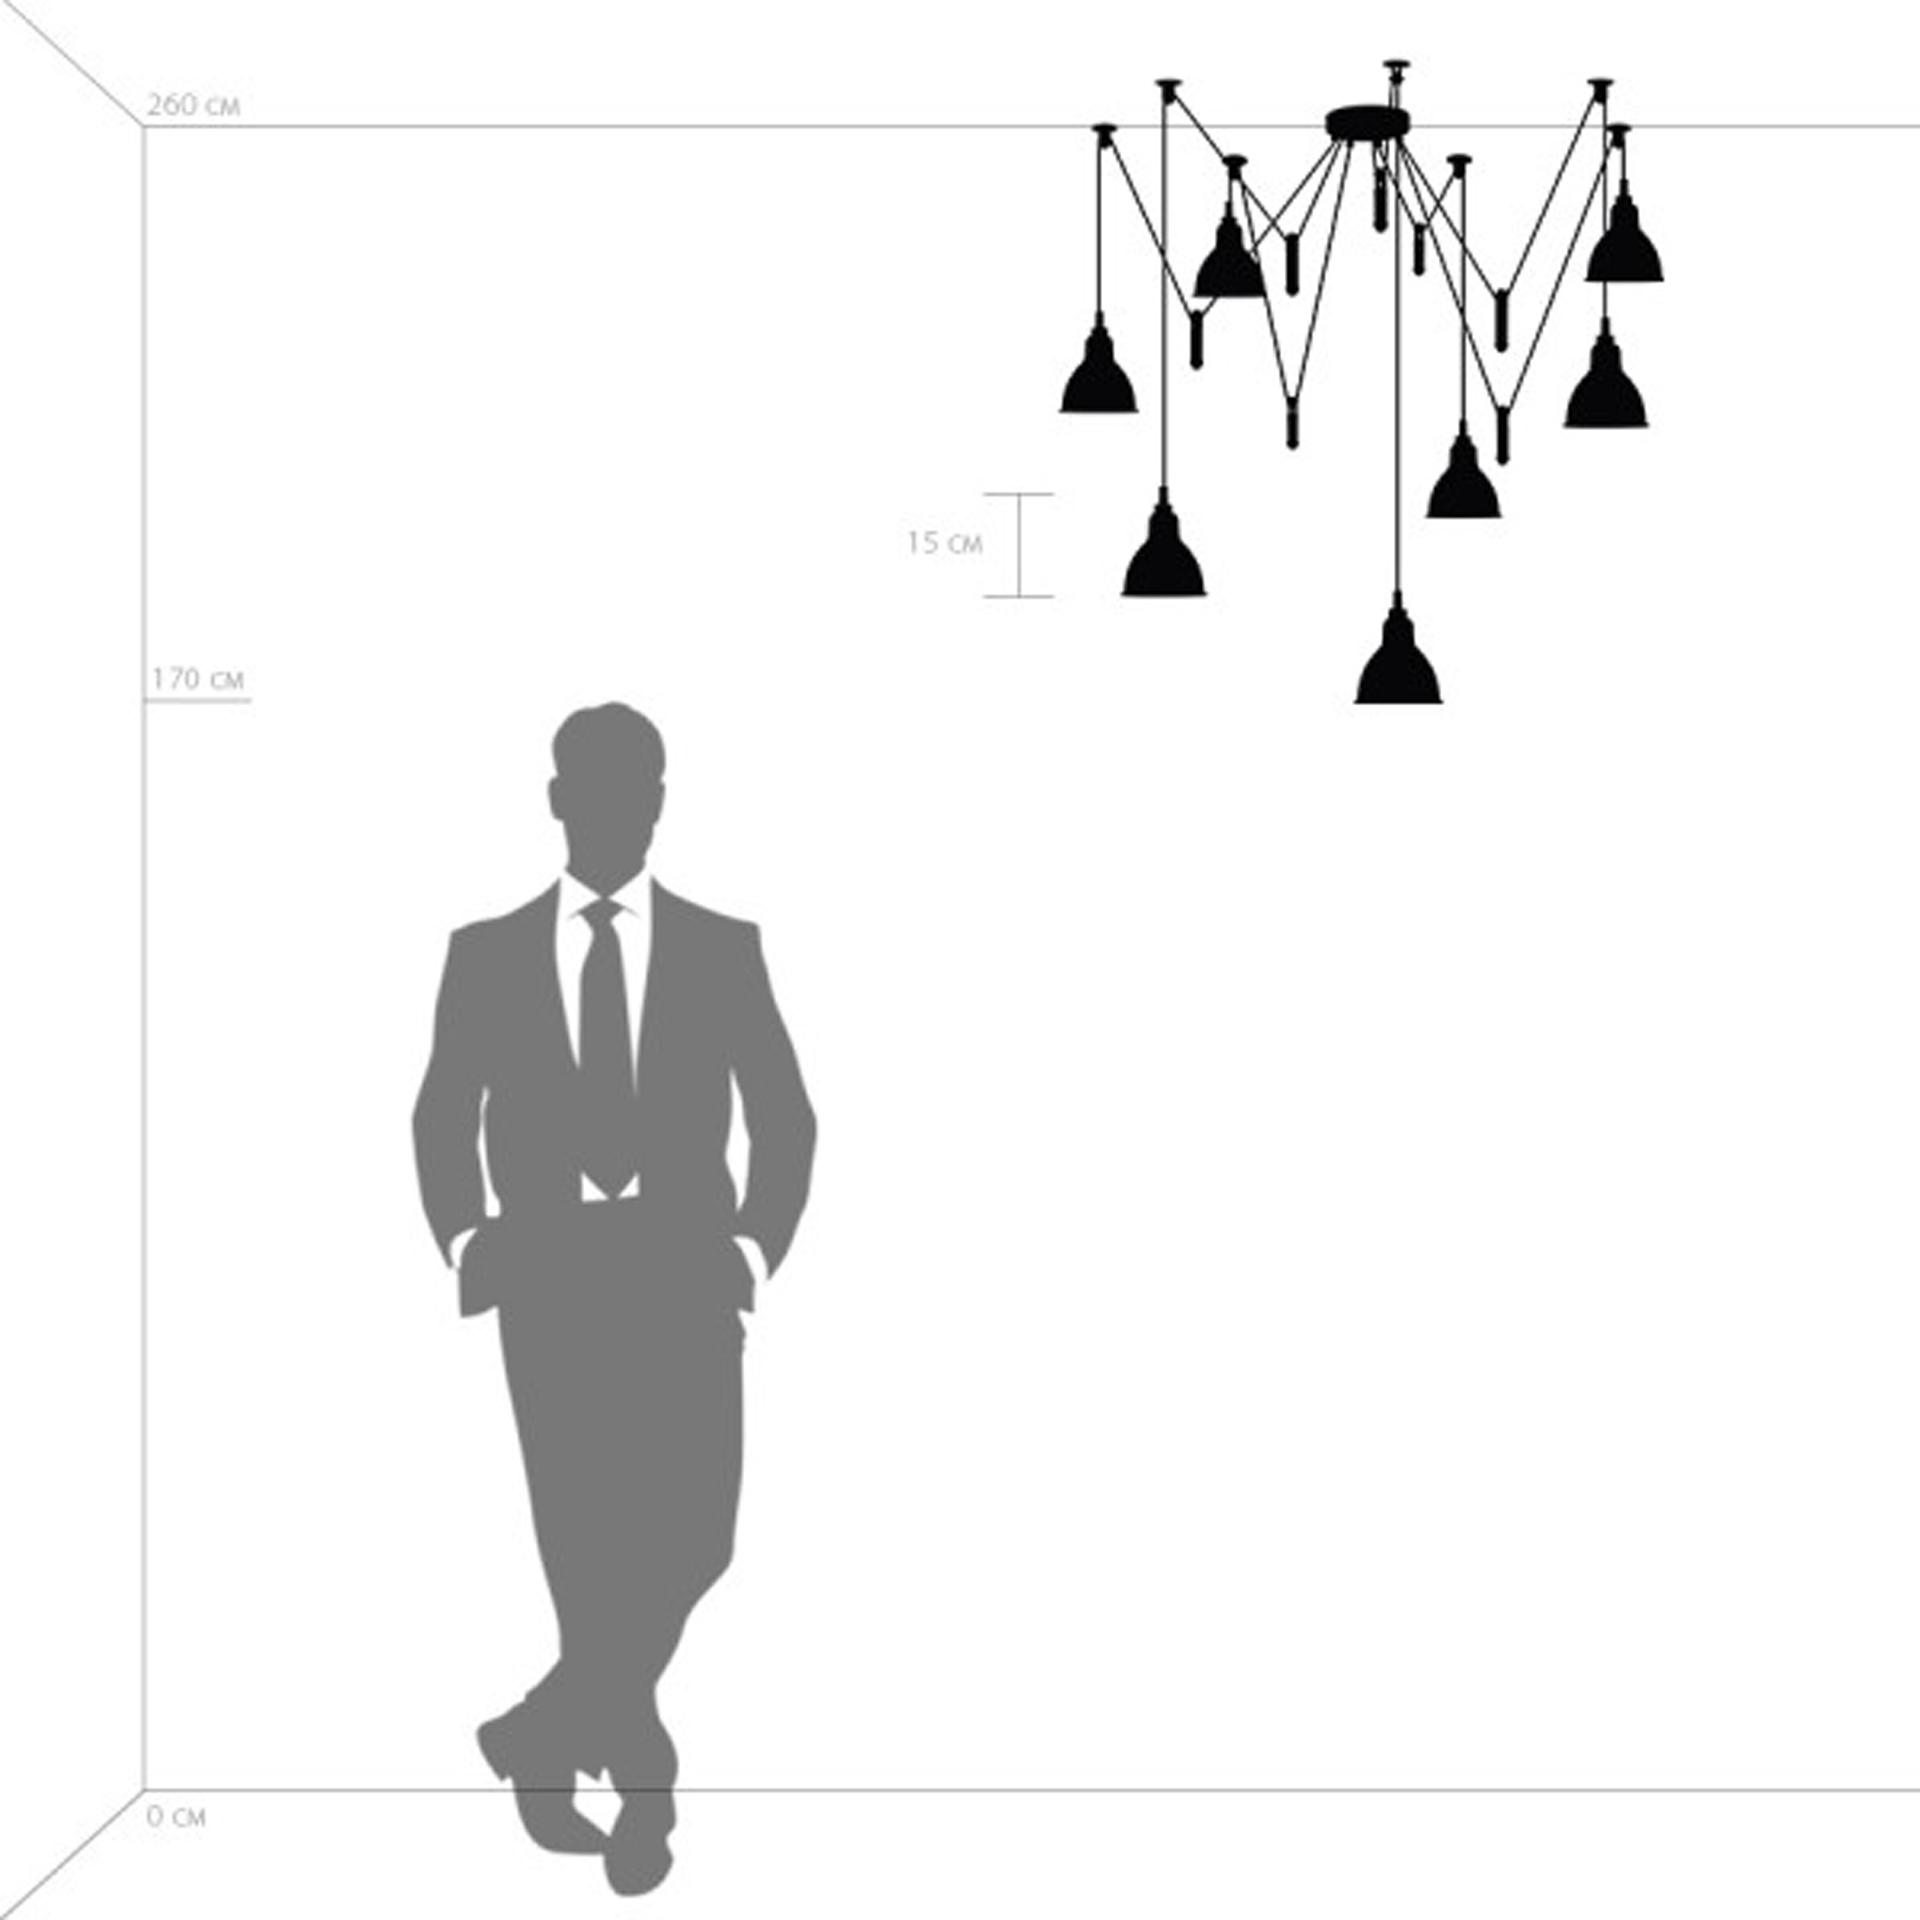 Люстра подвесная ACROBATA 7x40W E14 черный Lightstar 761077, купить в СПб, Москве, с доставкой, Санкт-Петербург, интернет-магазин люстр и светильников Starlight, фото в жизни